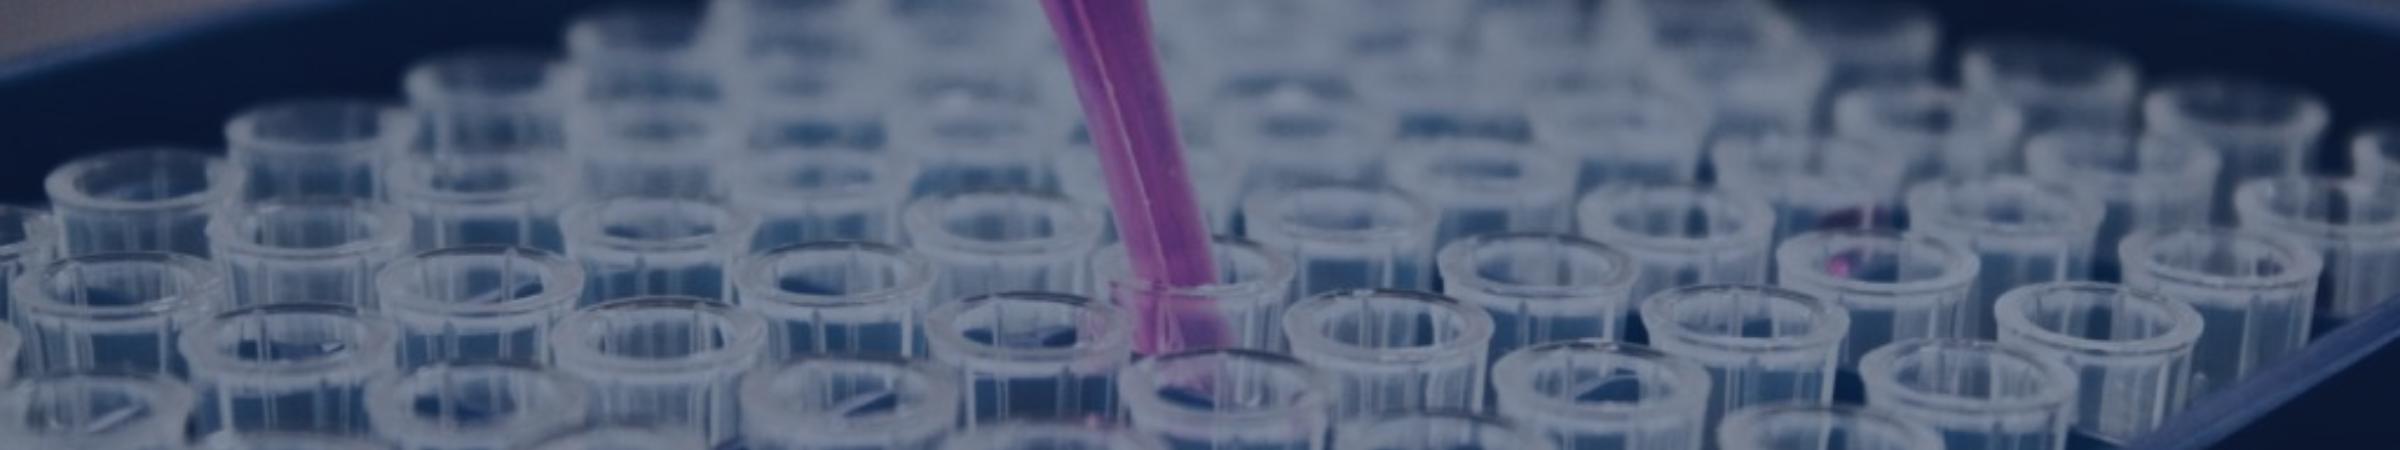 Extracellular Matrix Pharmacology Symposium banner